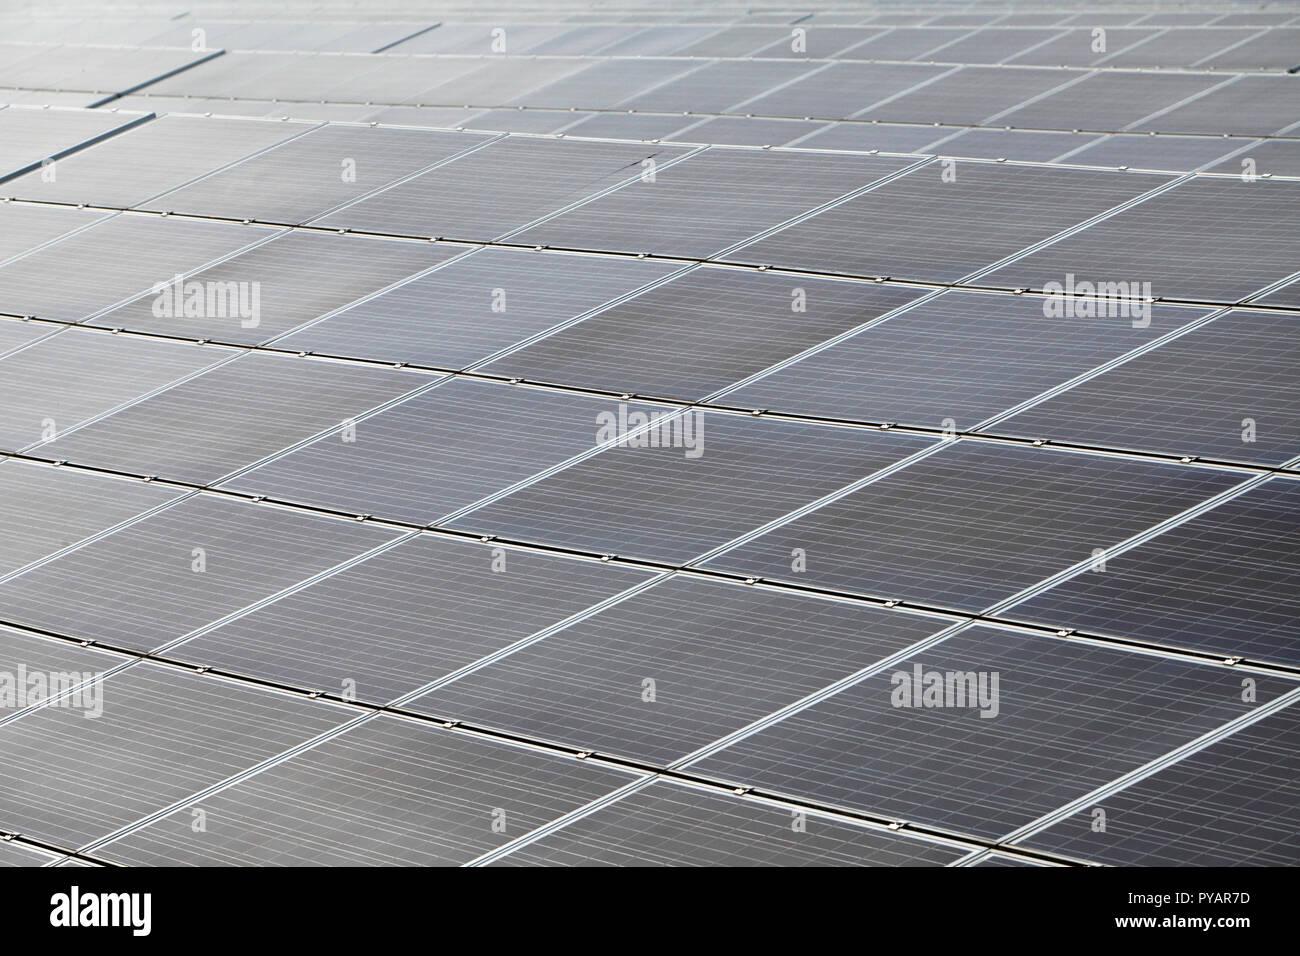 Les cellules photovoltaïques, l'énergie thermique solaire. Les cellules PV. Photo Stock